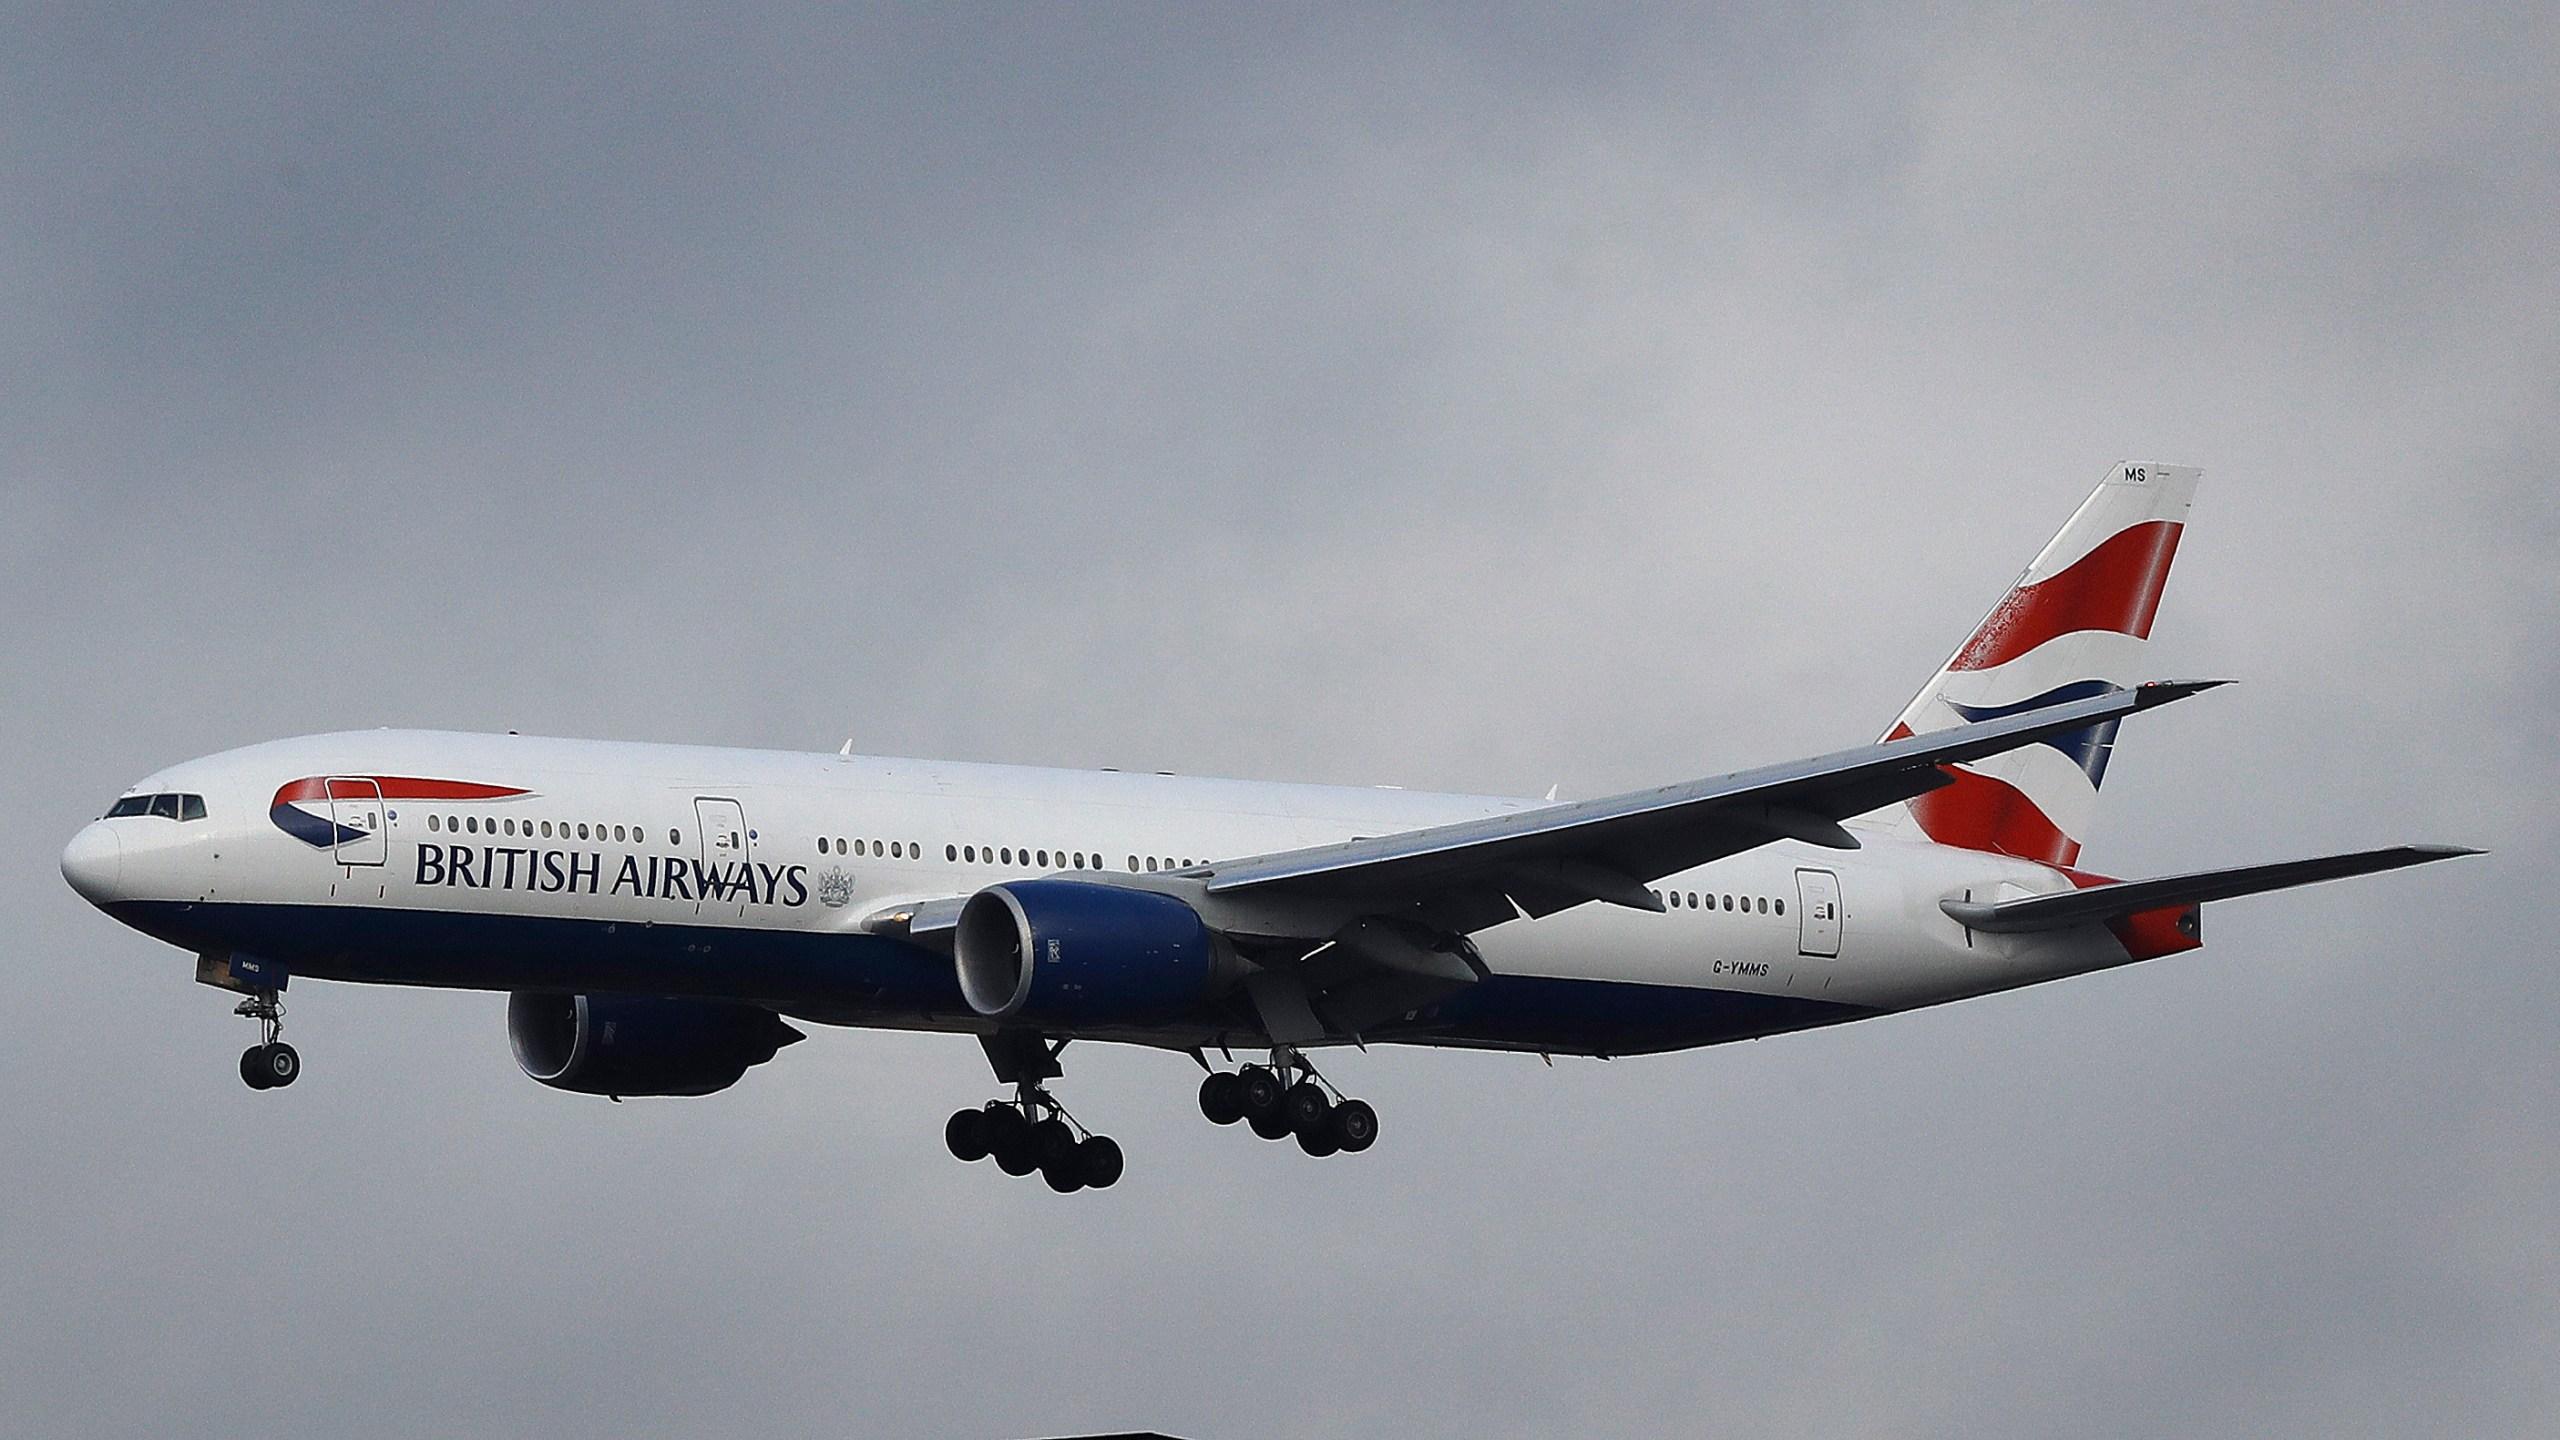 British-Airways-plane--WEB_1539896584511.jpg